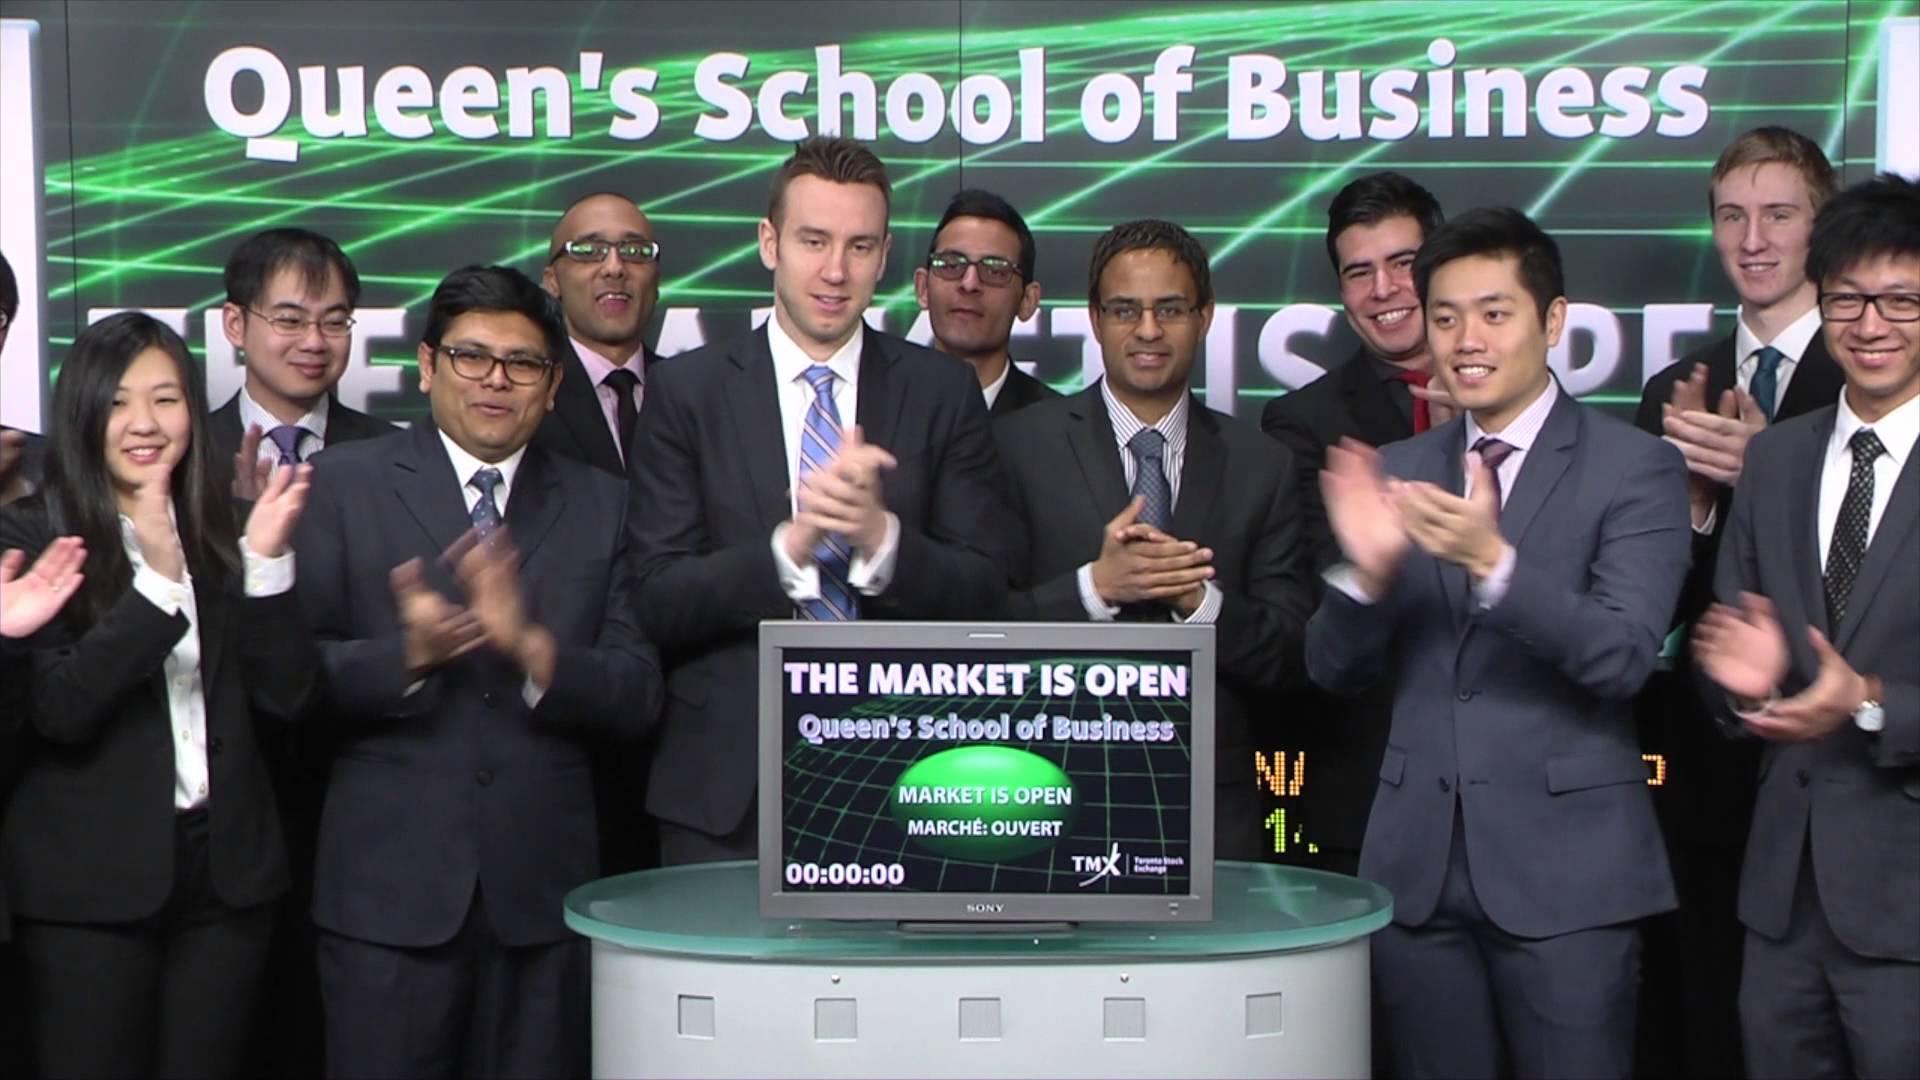 Queen's School of Business opens Toronto Stock Exchange, February 9, 2015.